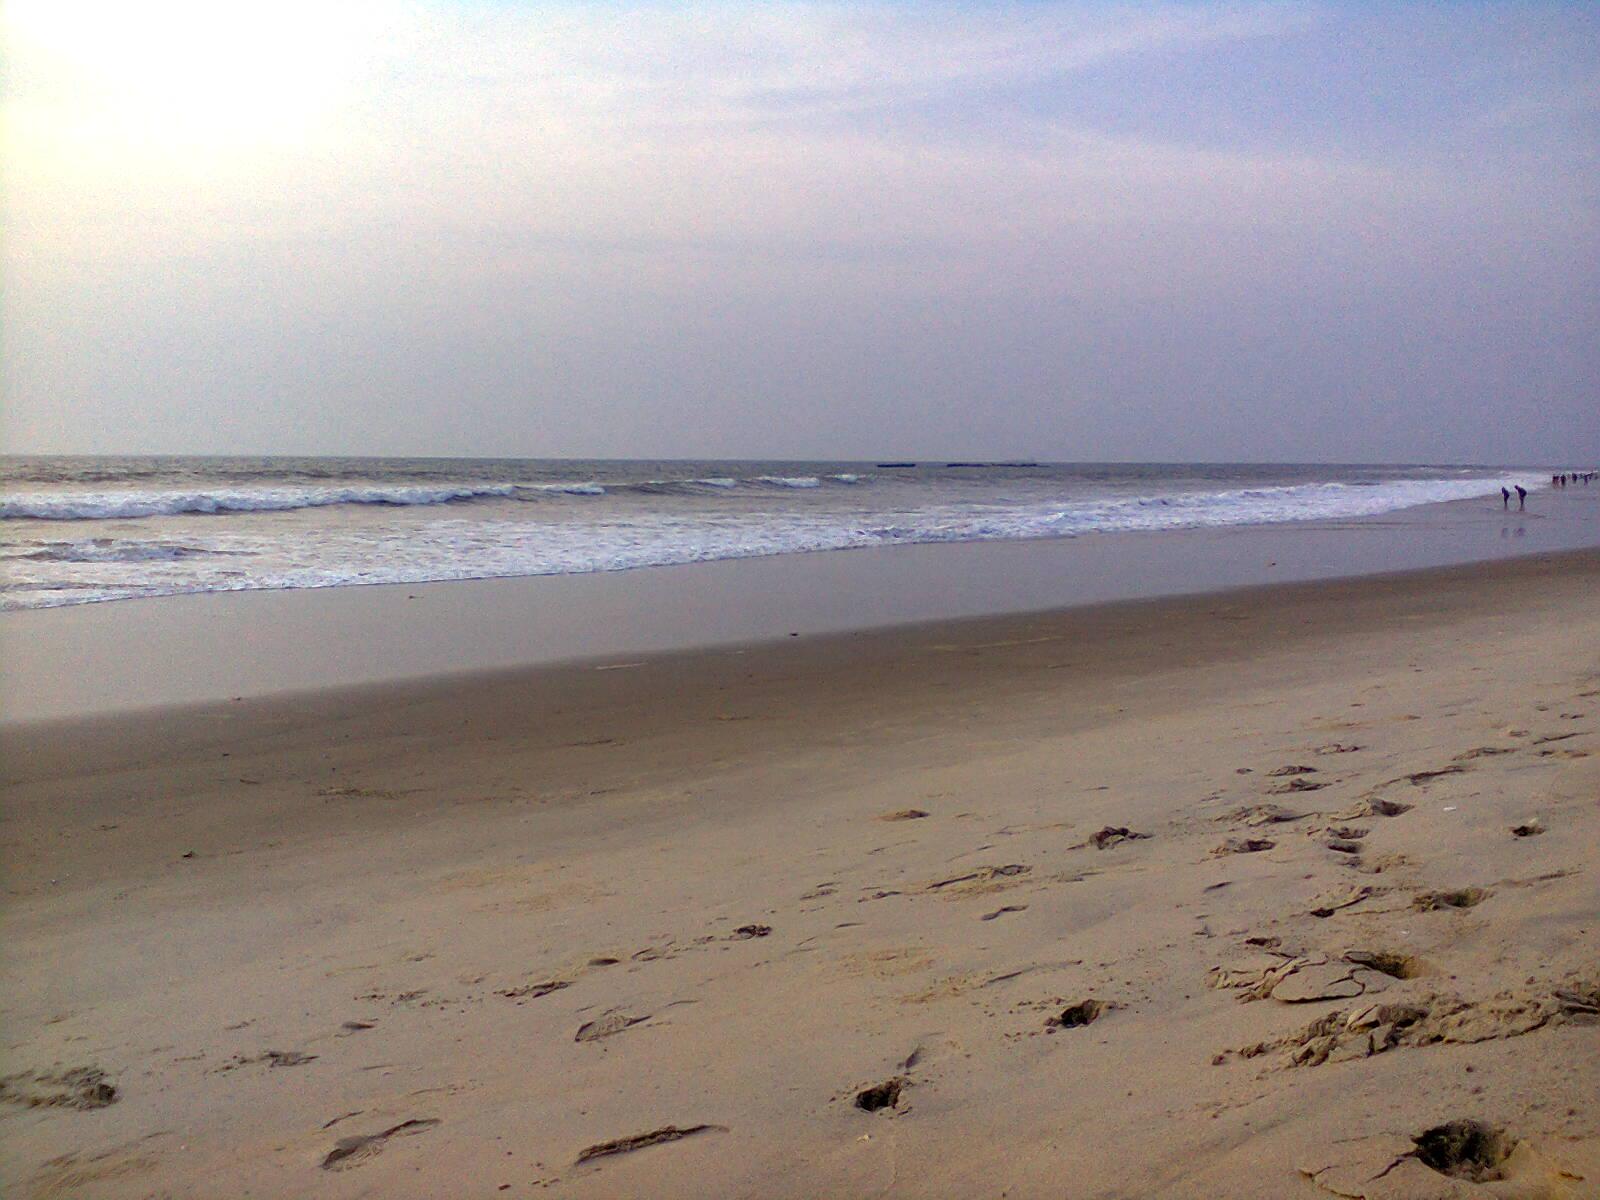 Tannirbavi Beach - Mangalore Image